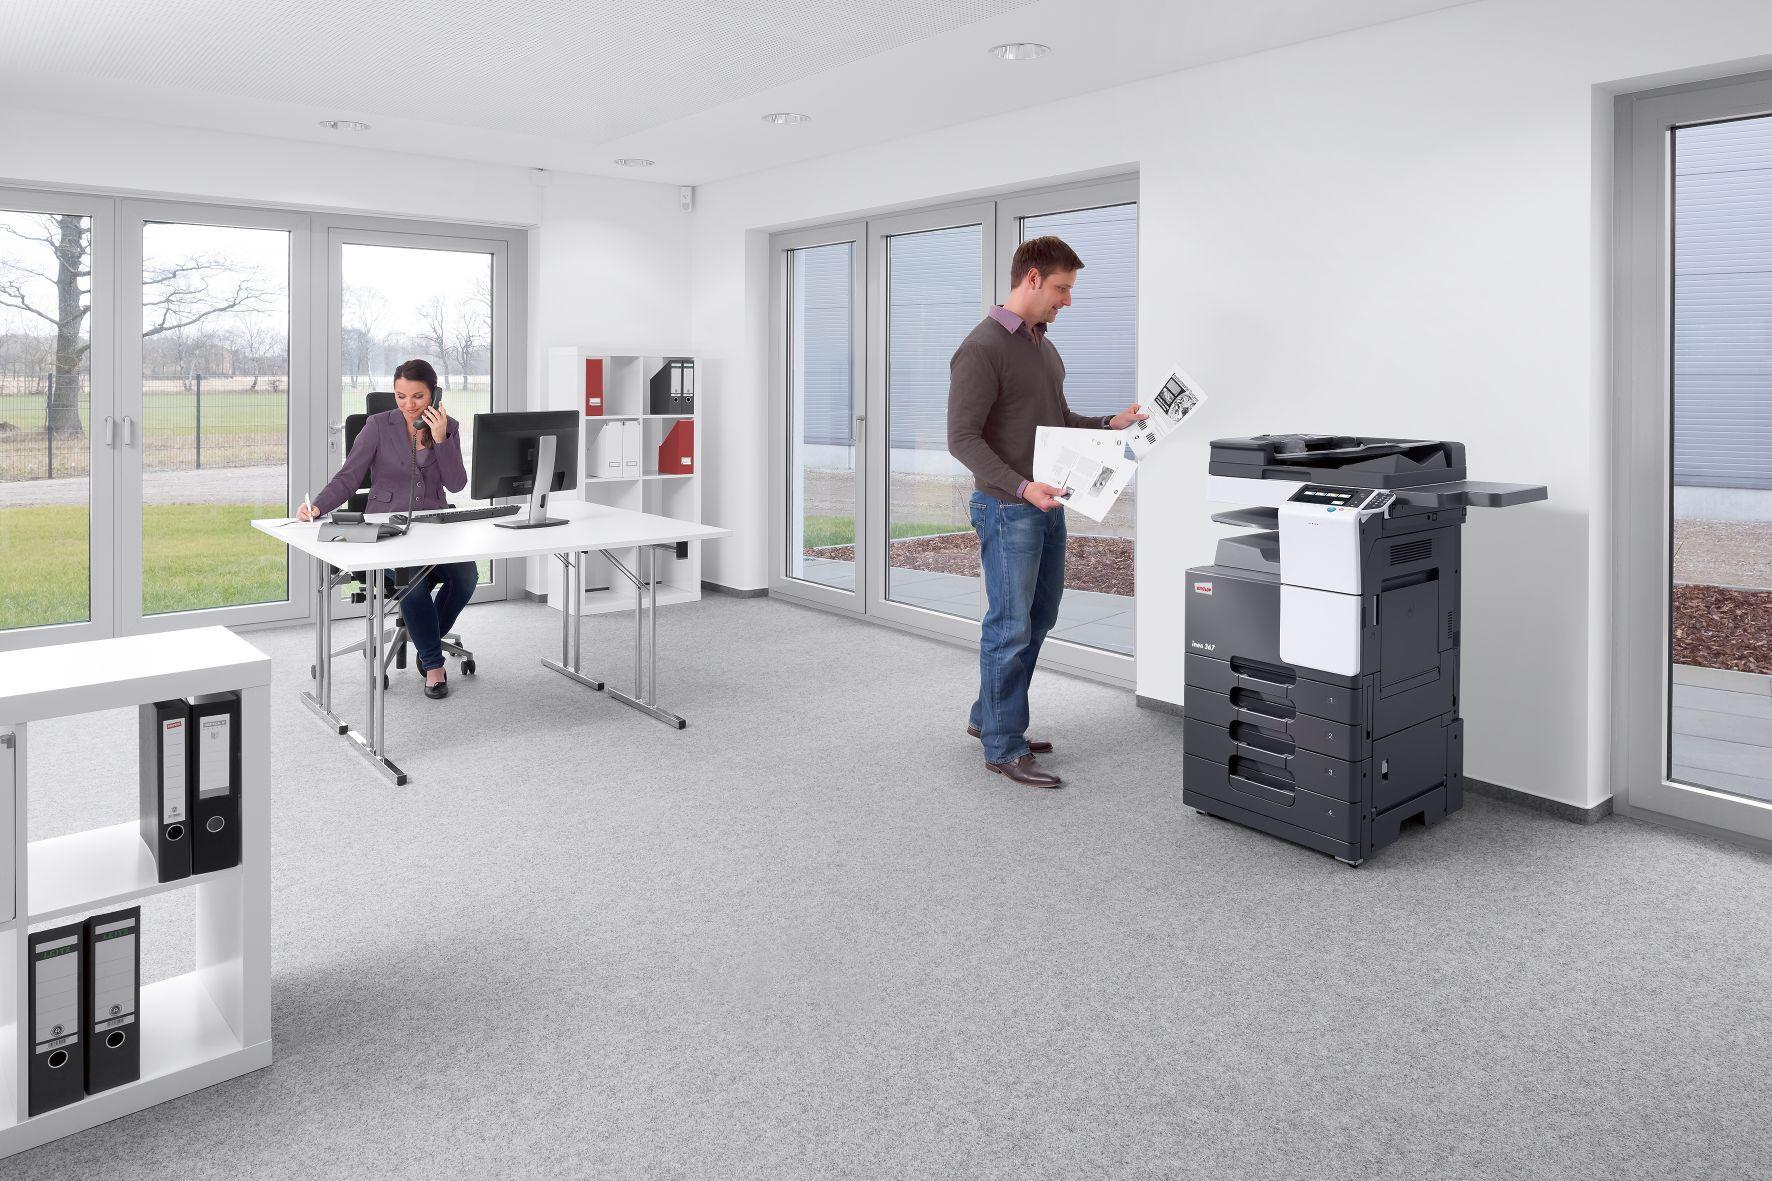 Incrementando la productividad con equipos DEVELOP